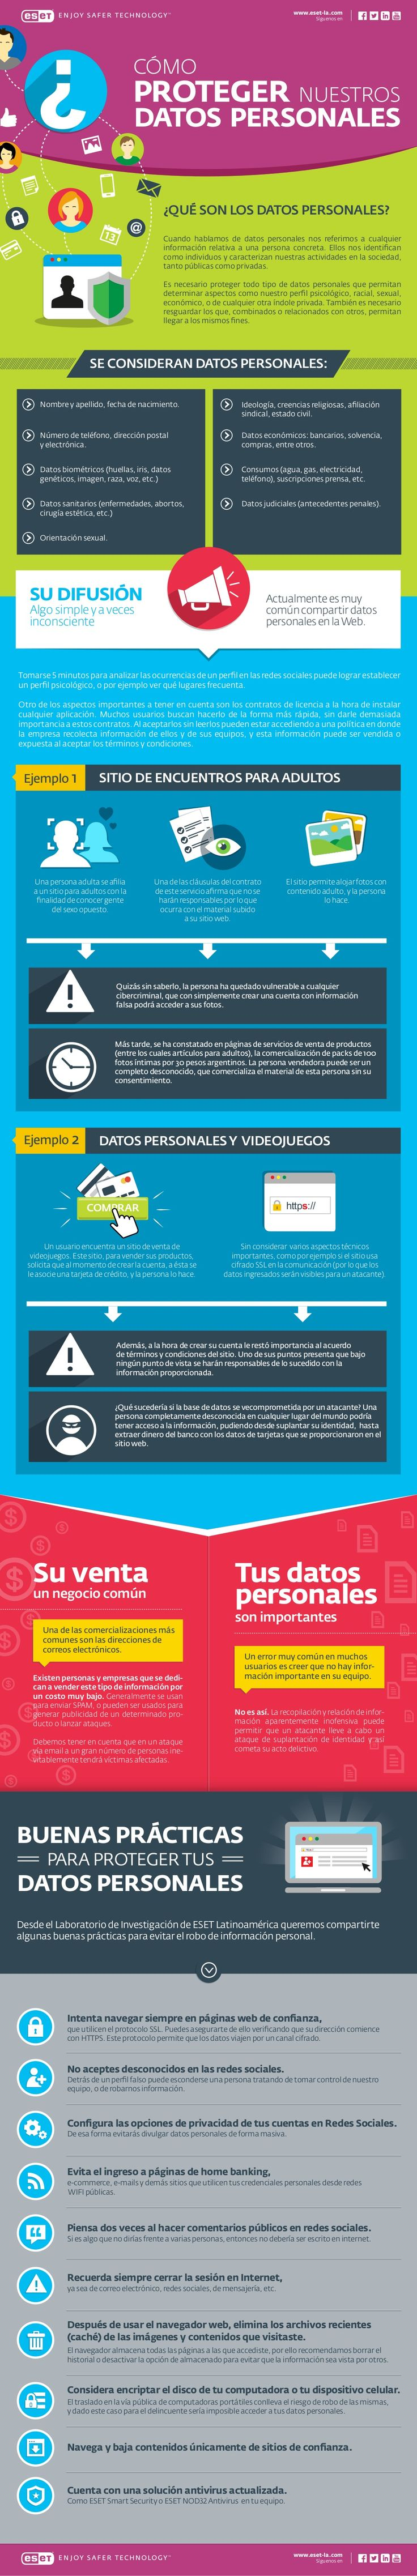 Cómo proteger nuestros datos personales Vía: @ESET Latinoamérica #infografia #infographic #internet